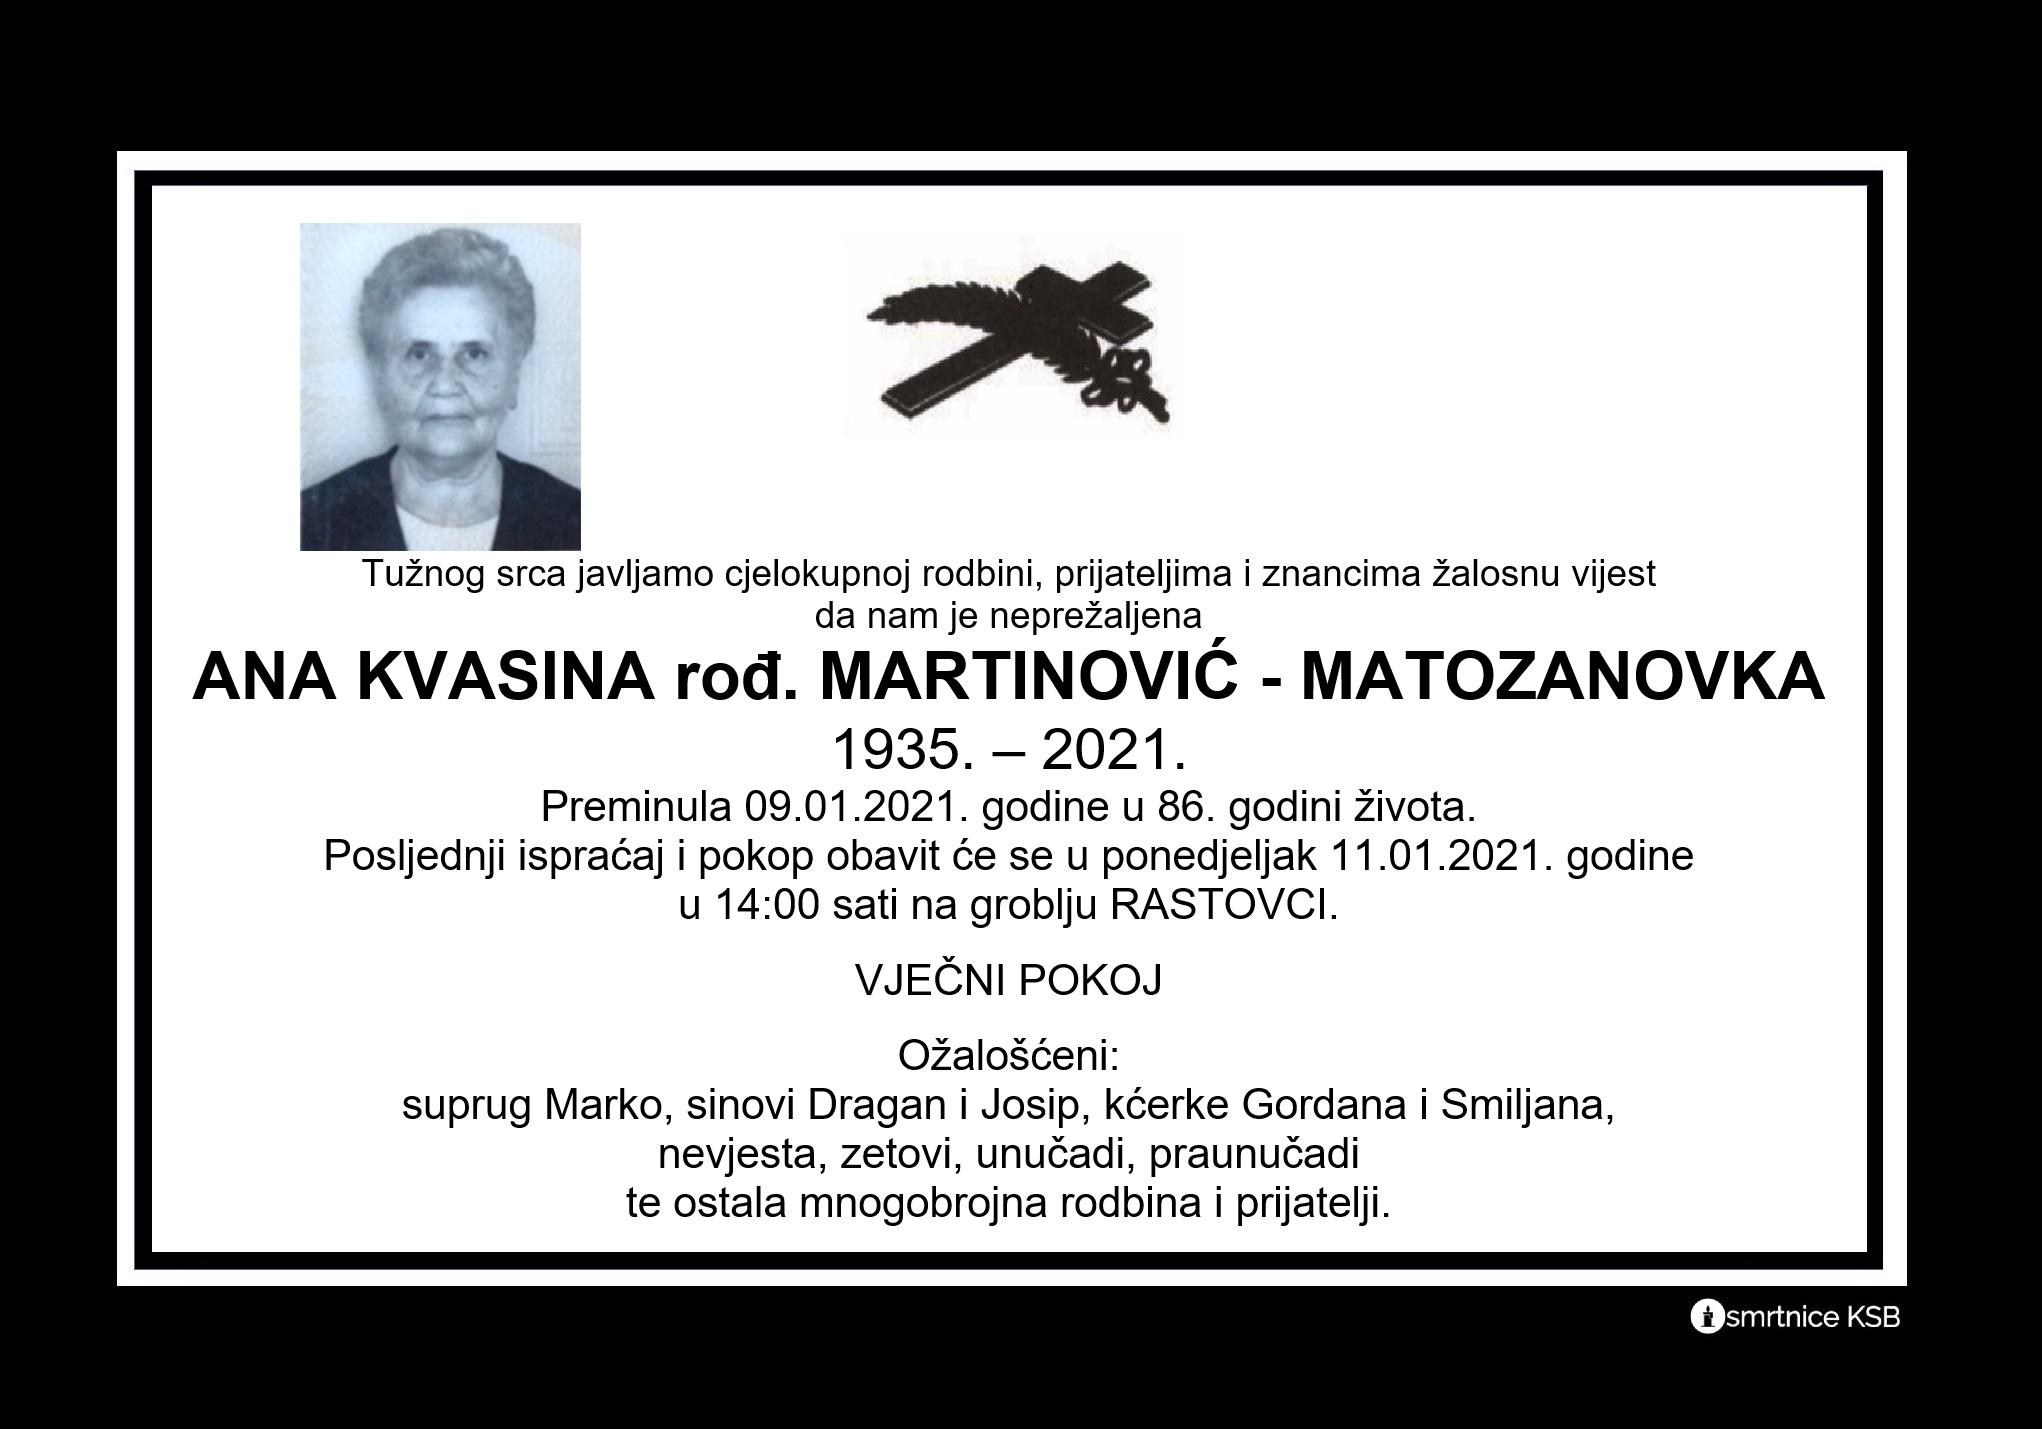 Ana Kvasina rođ. Martinović